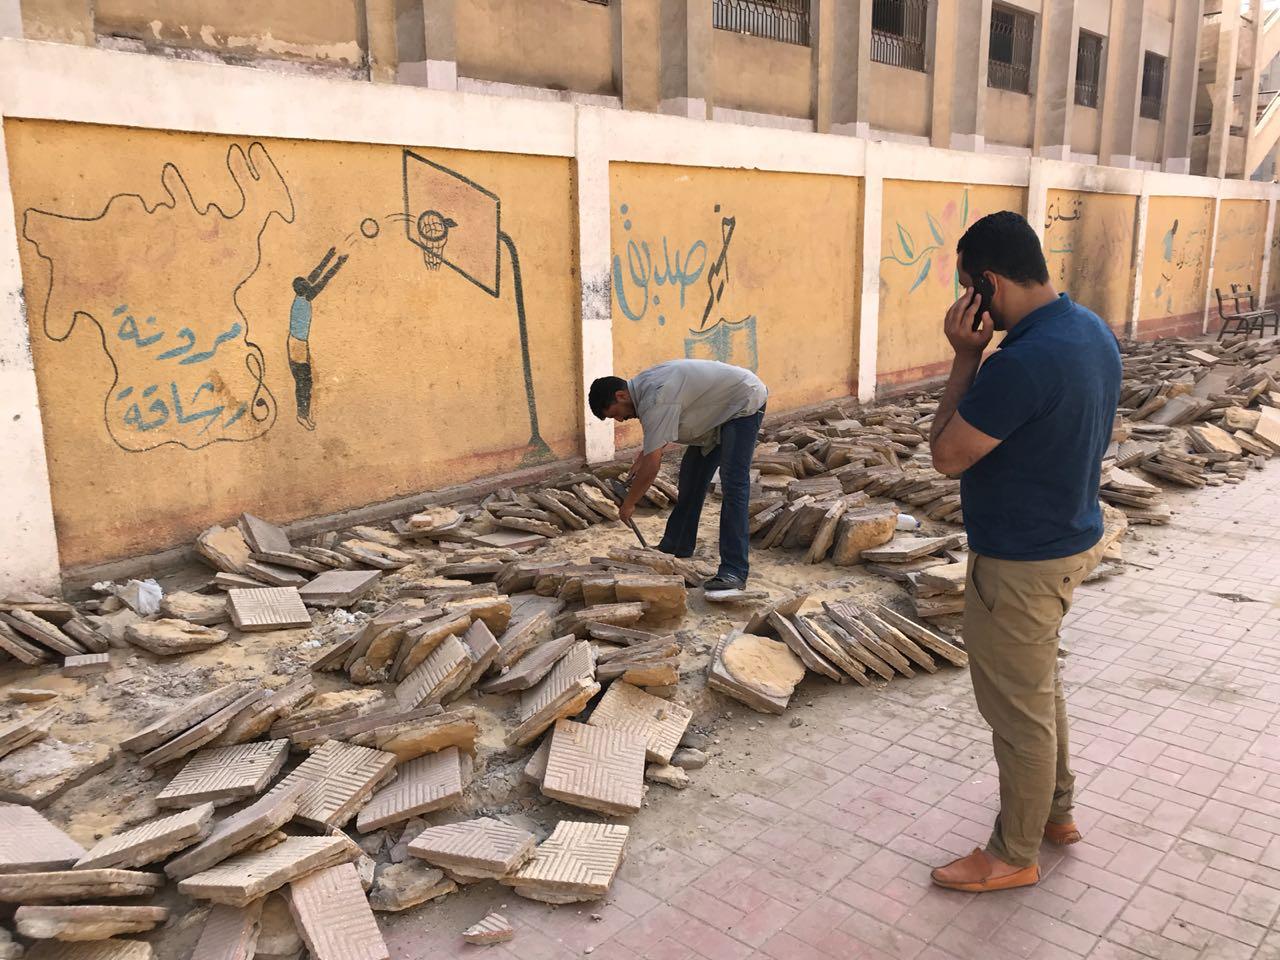 """النائب أحمد على يطلق مبادرة """"الرياضة هى الأمل"""" لإصلاح ملاعب المدارس بالمرج"""